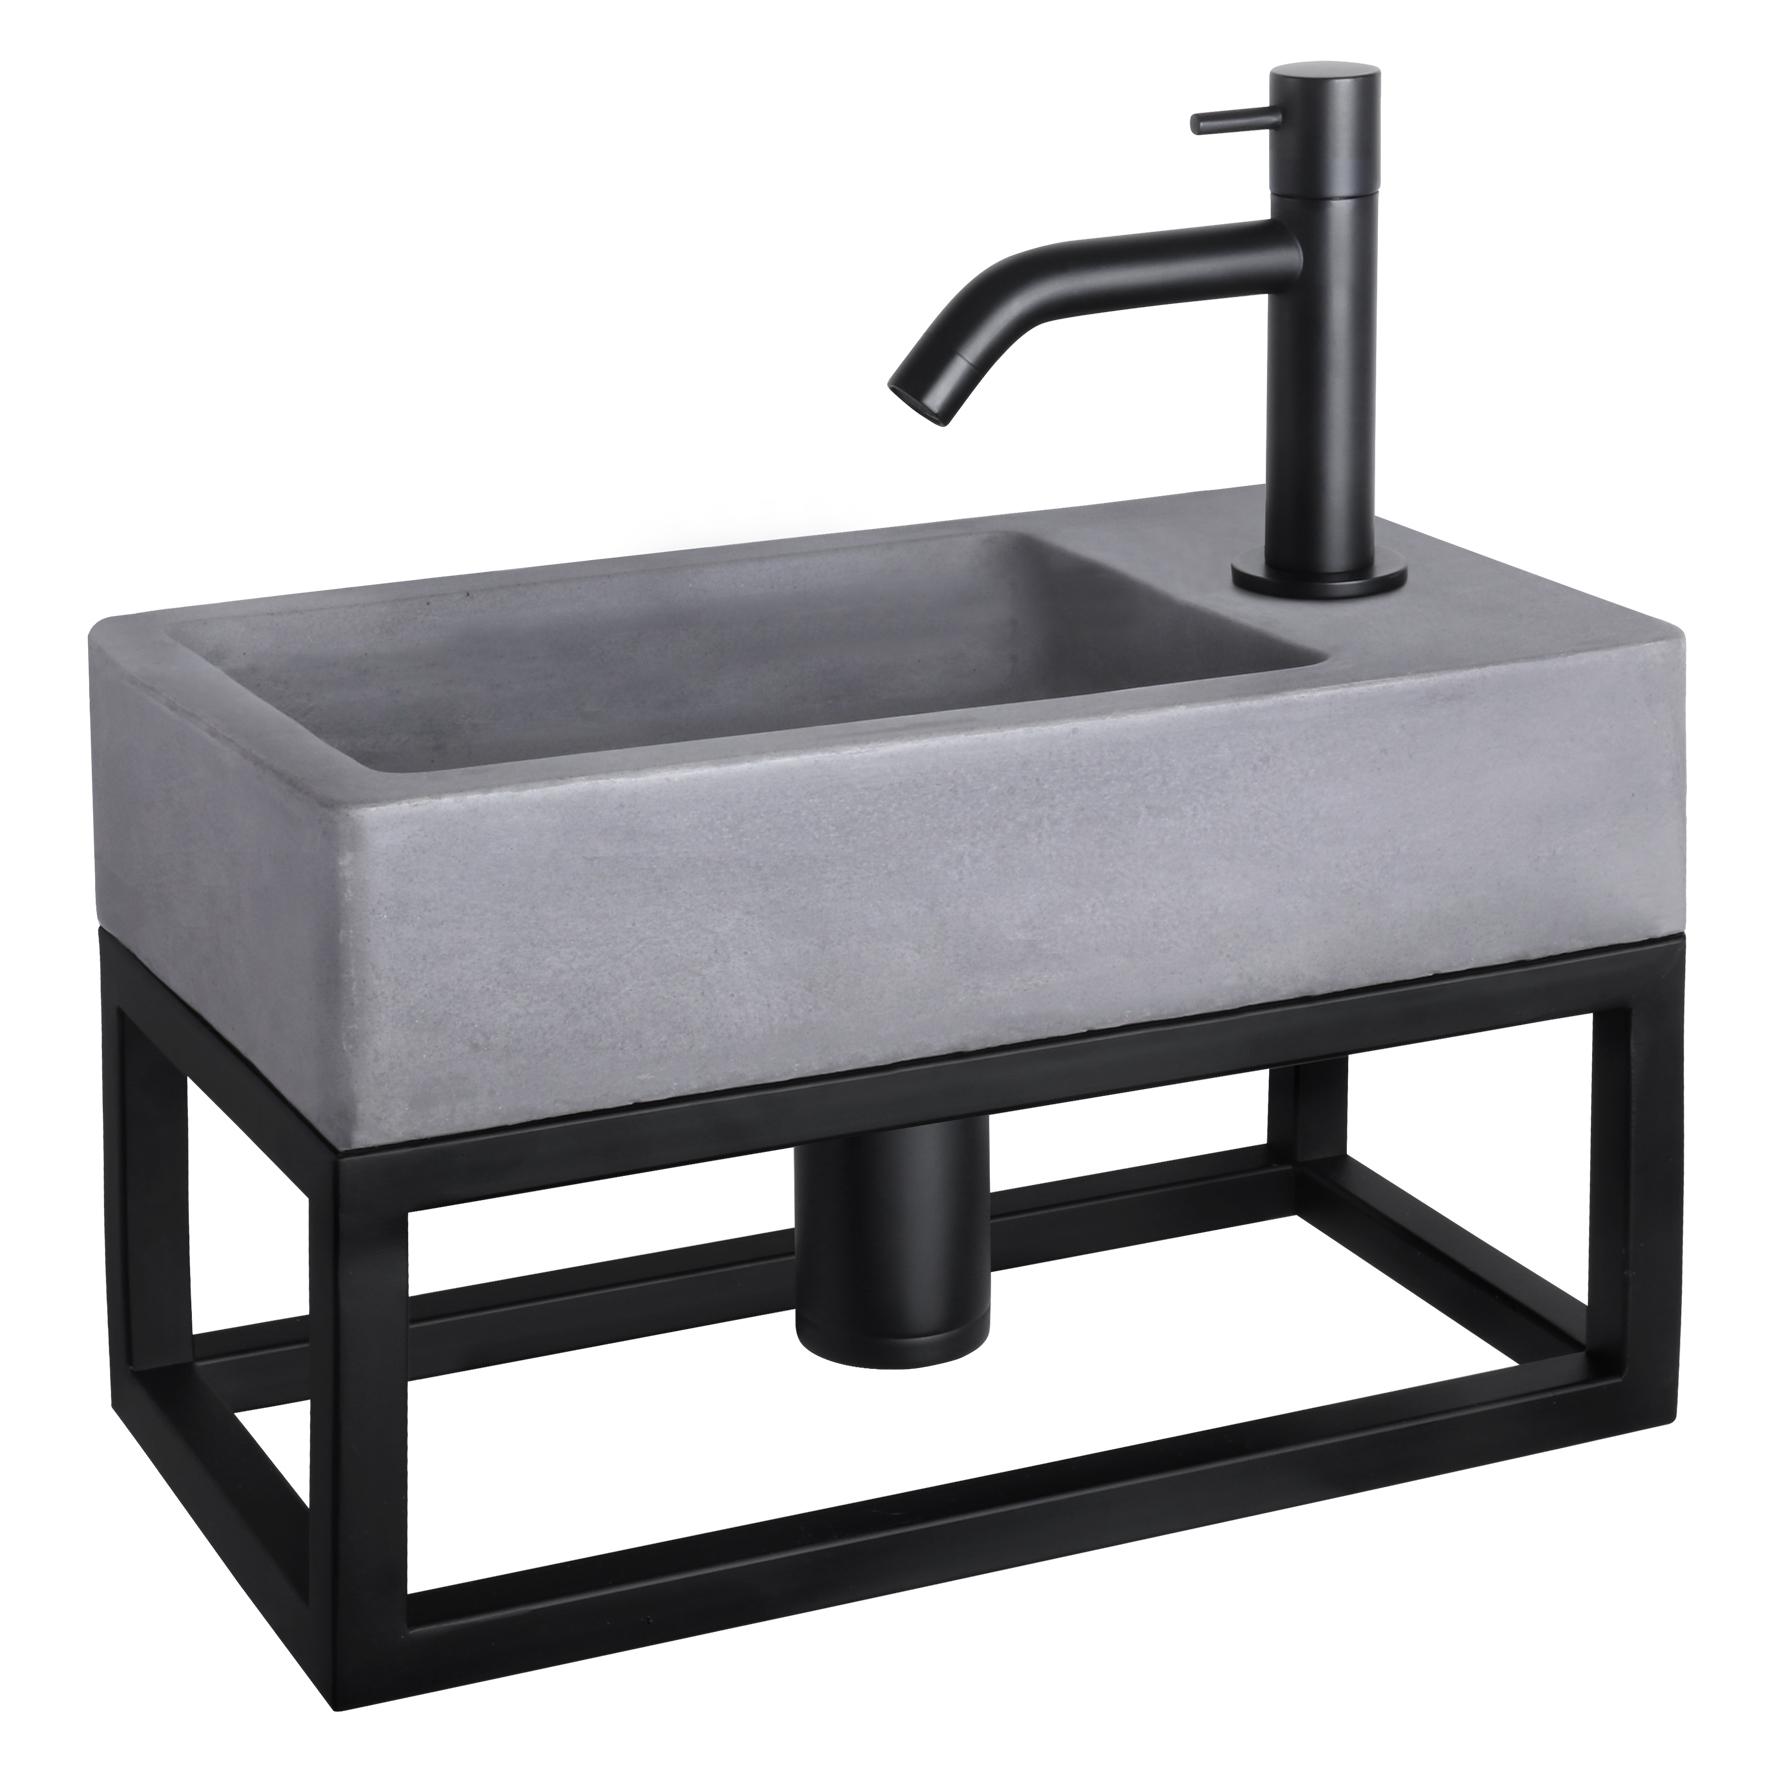 Force fonteinset - Beton donkergrijs - Kraan gebogen mat zwart - Met handdoekrek